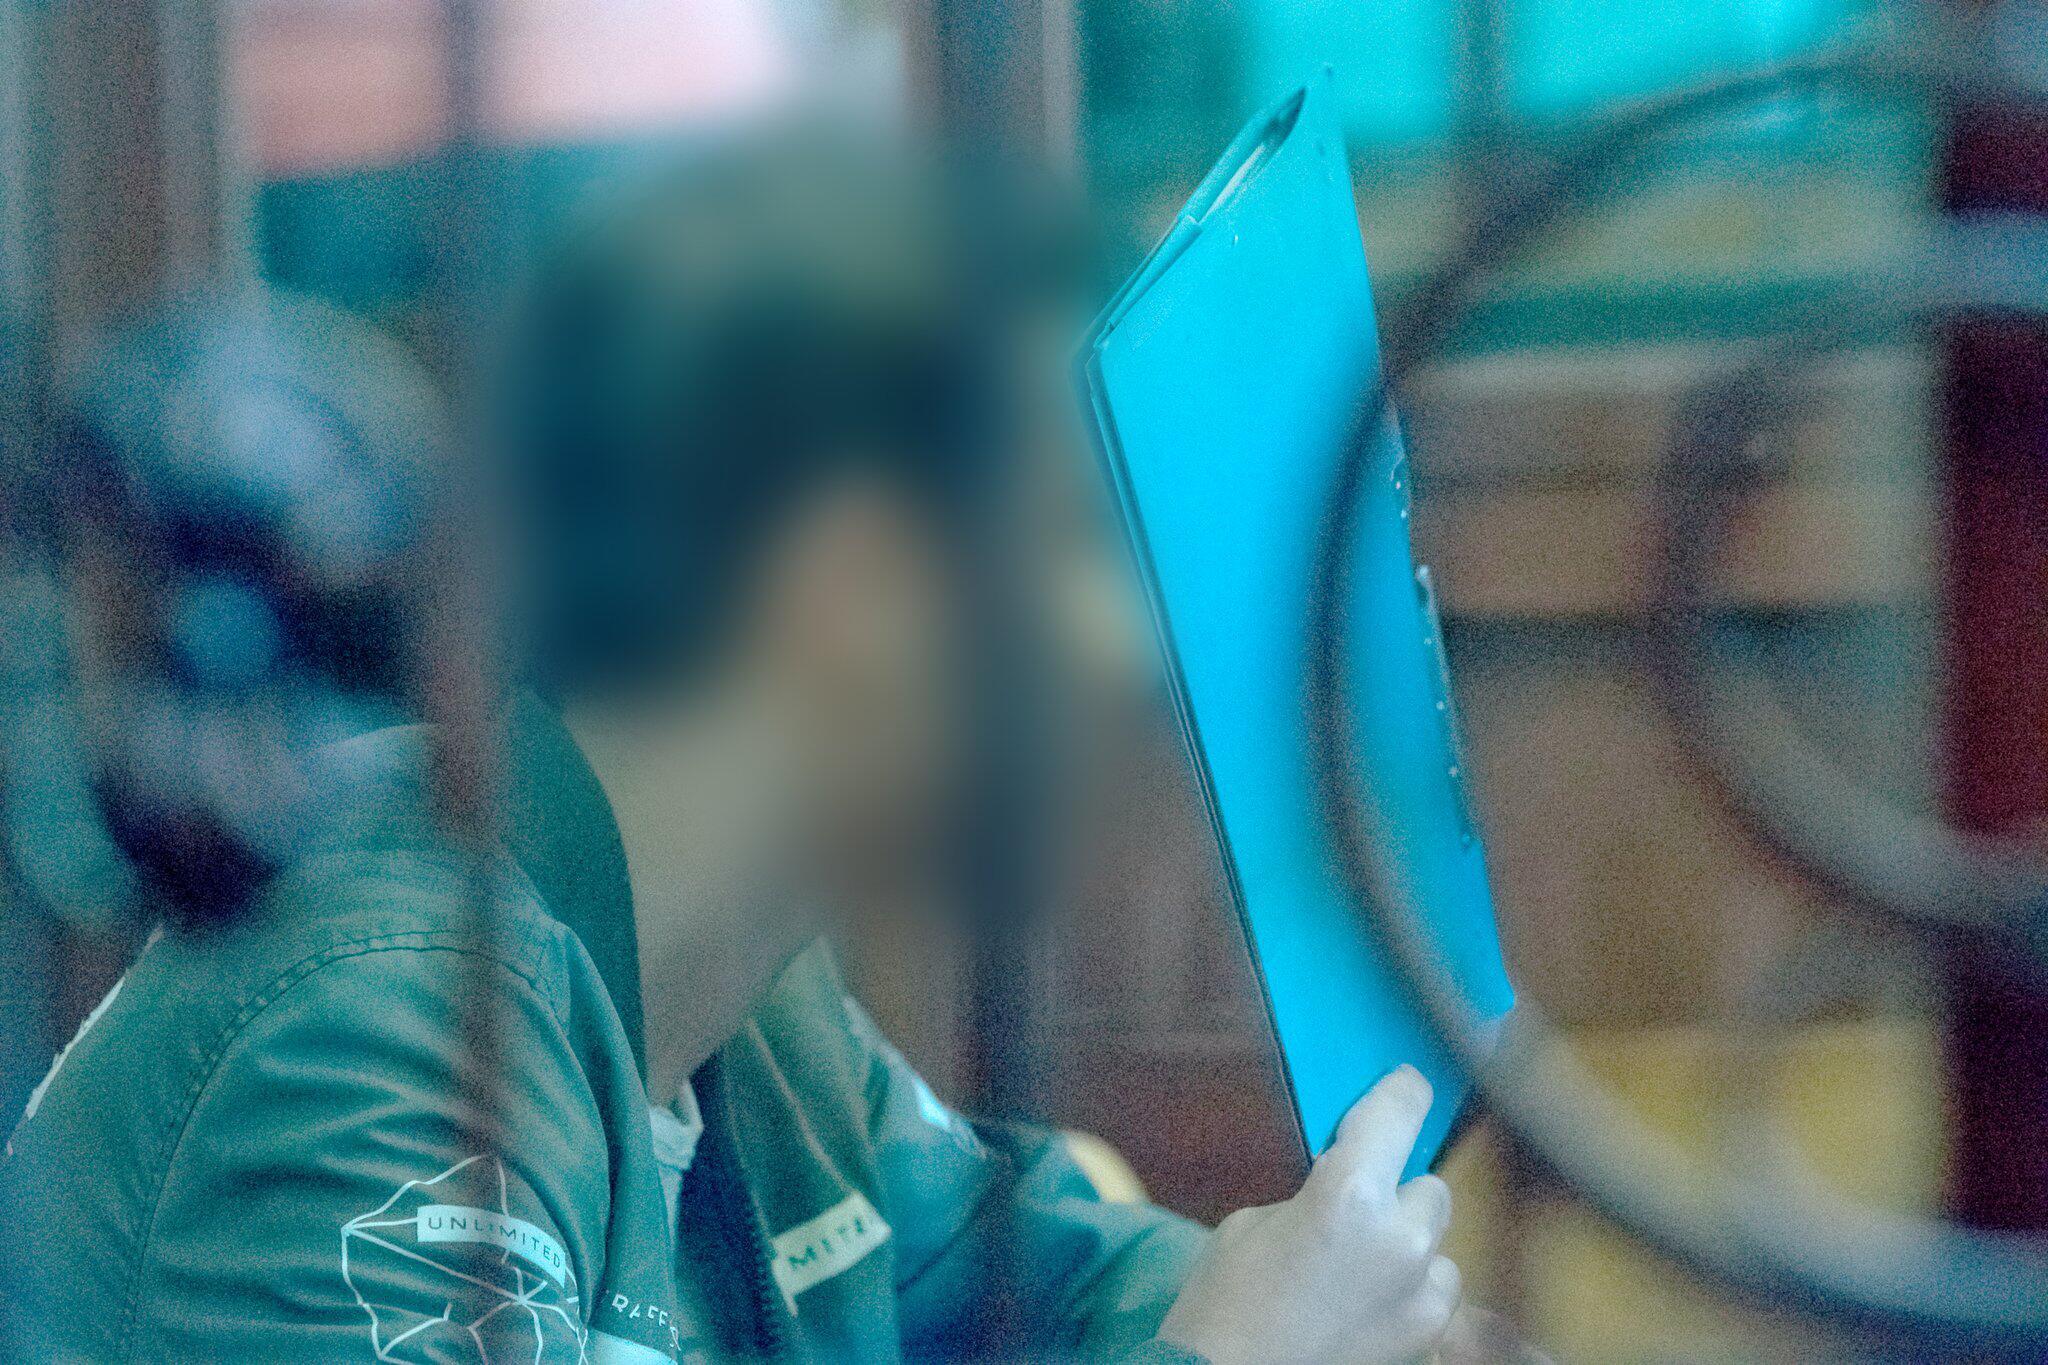 Bild zu Kippa-Träger mit Gürtel attackiert - Prozess in Berlin